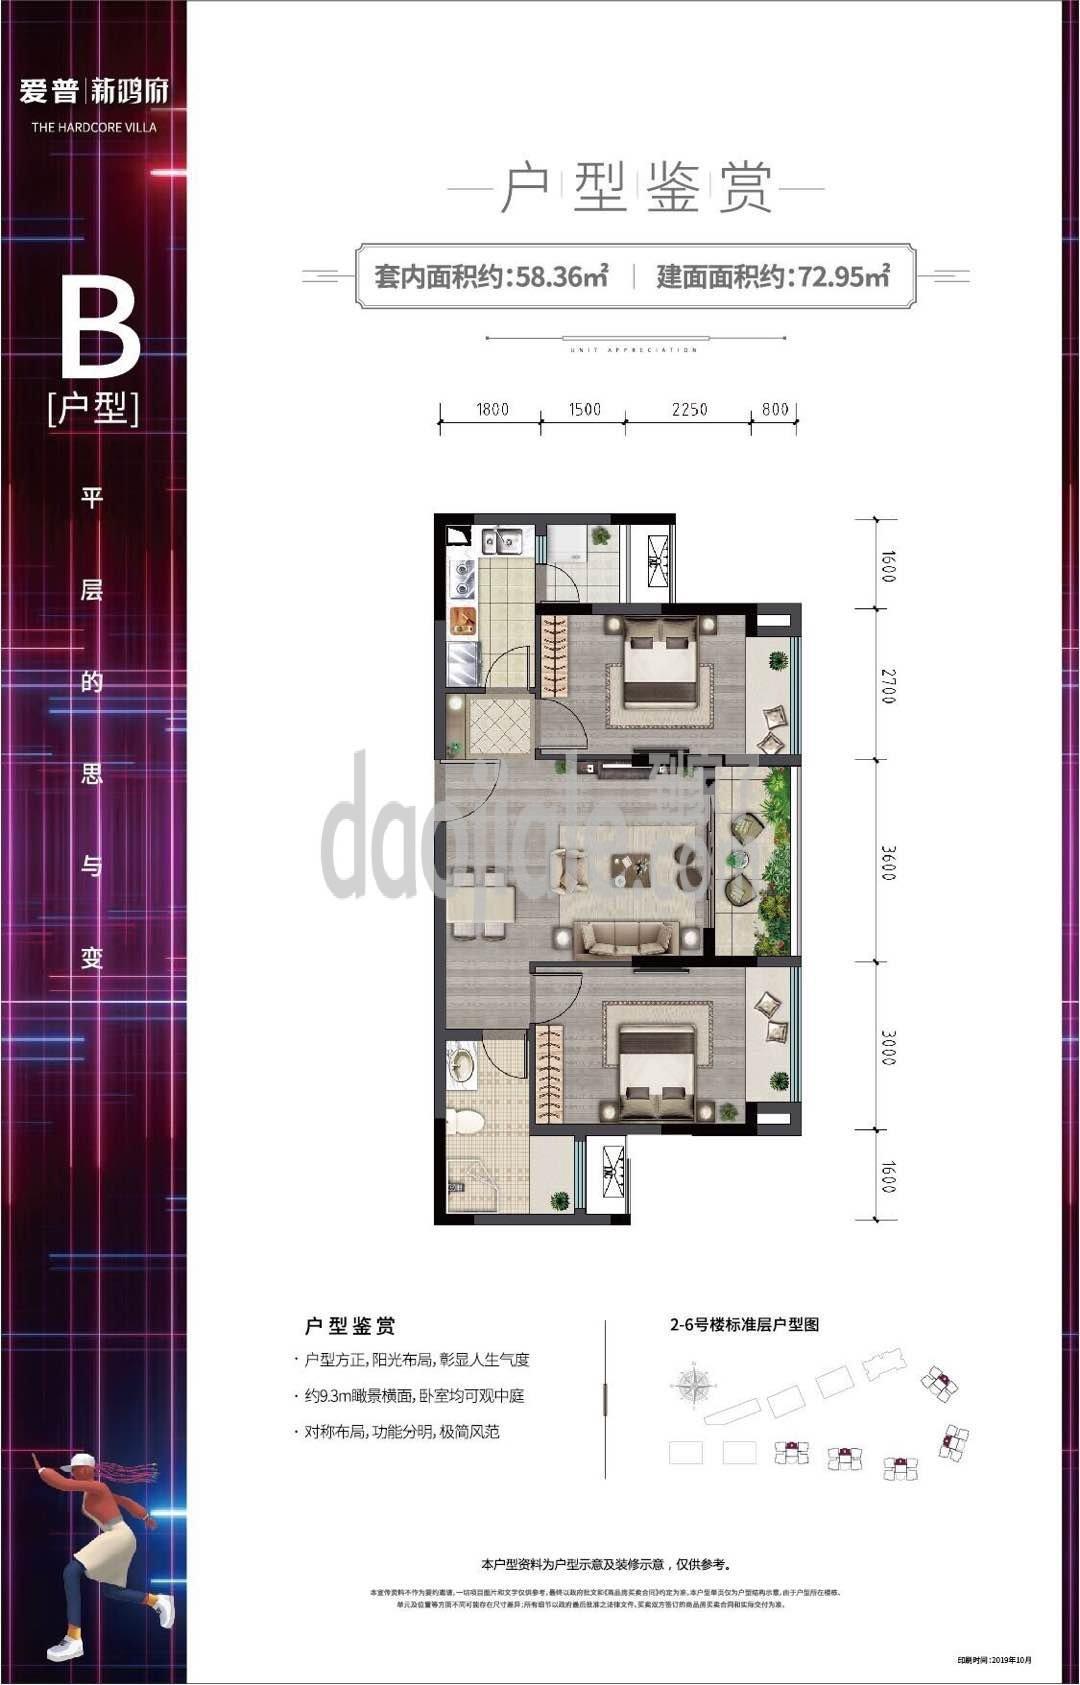 渝北区回兴爱普新鸿府新房B户型户型图